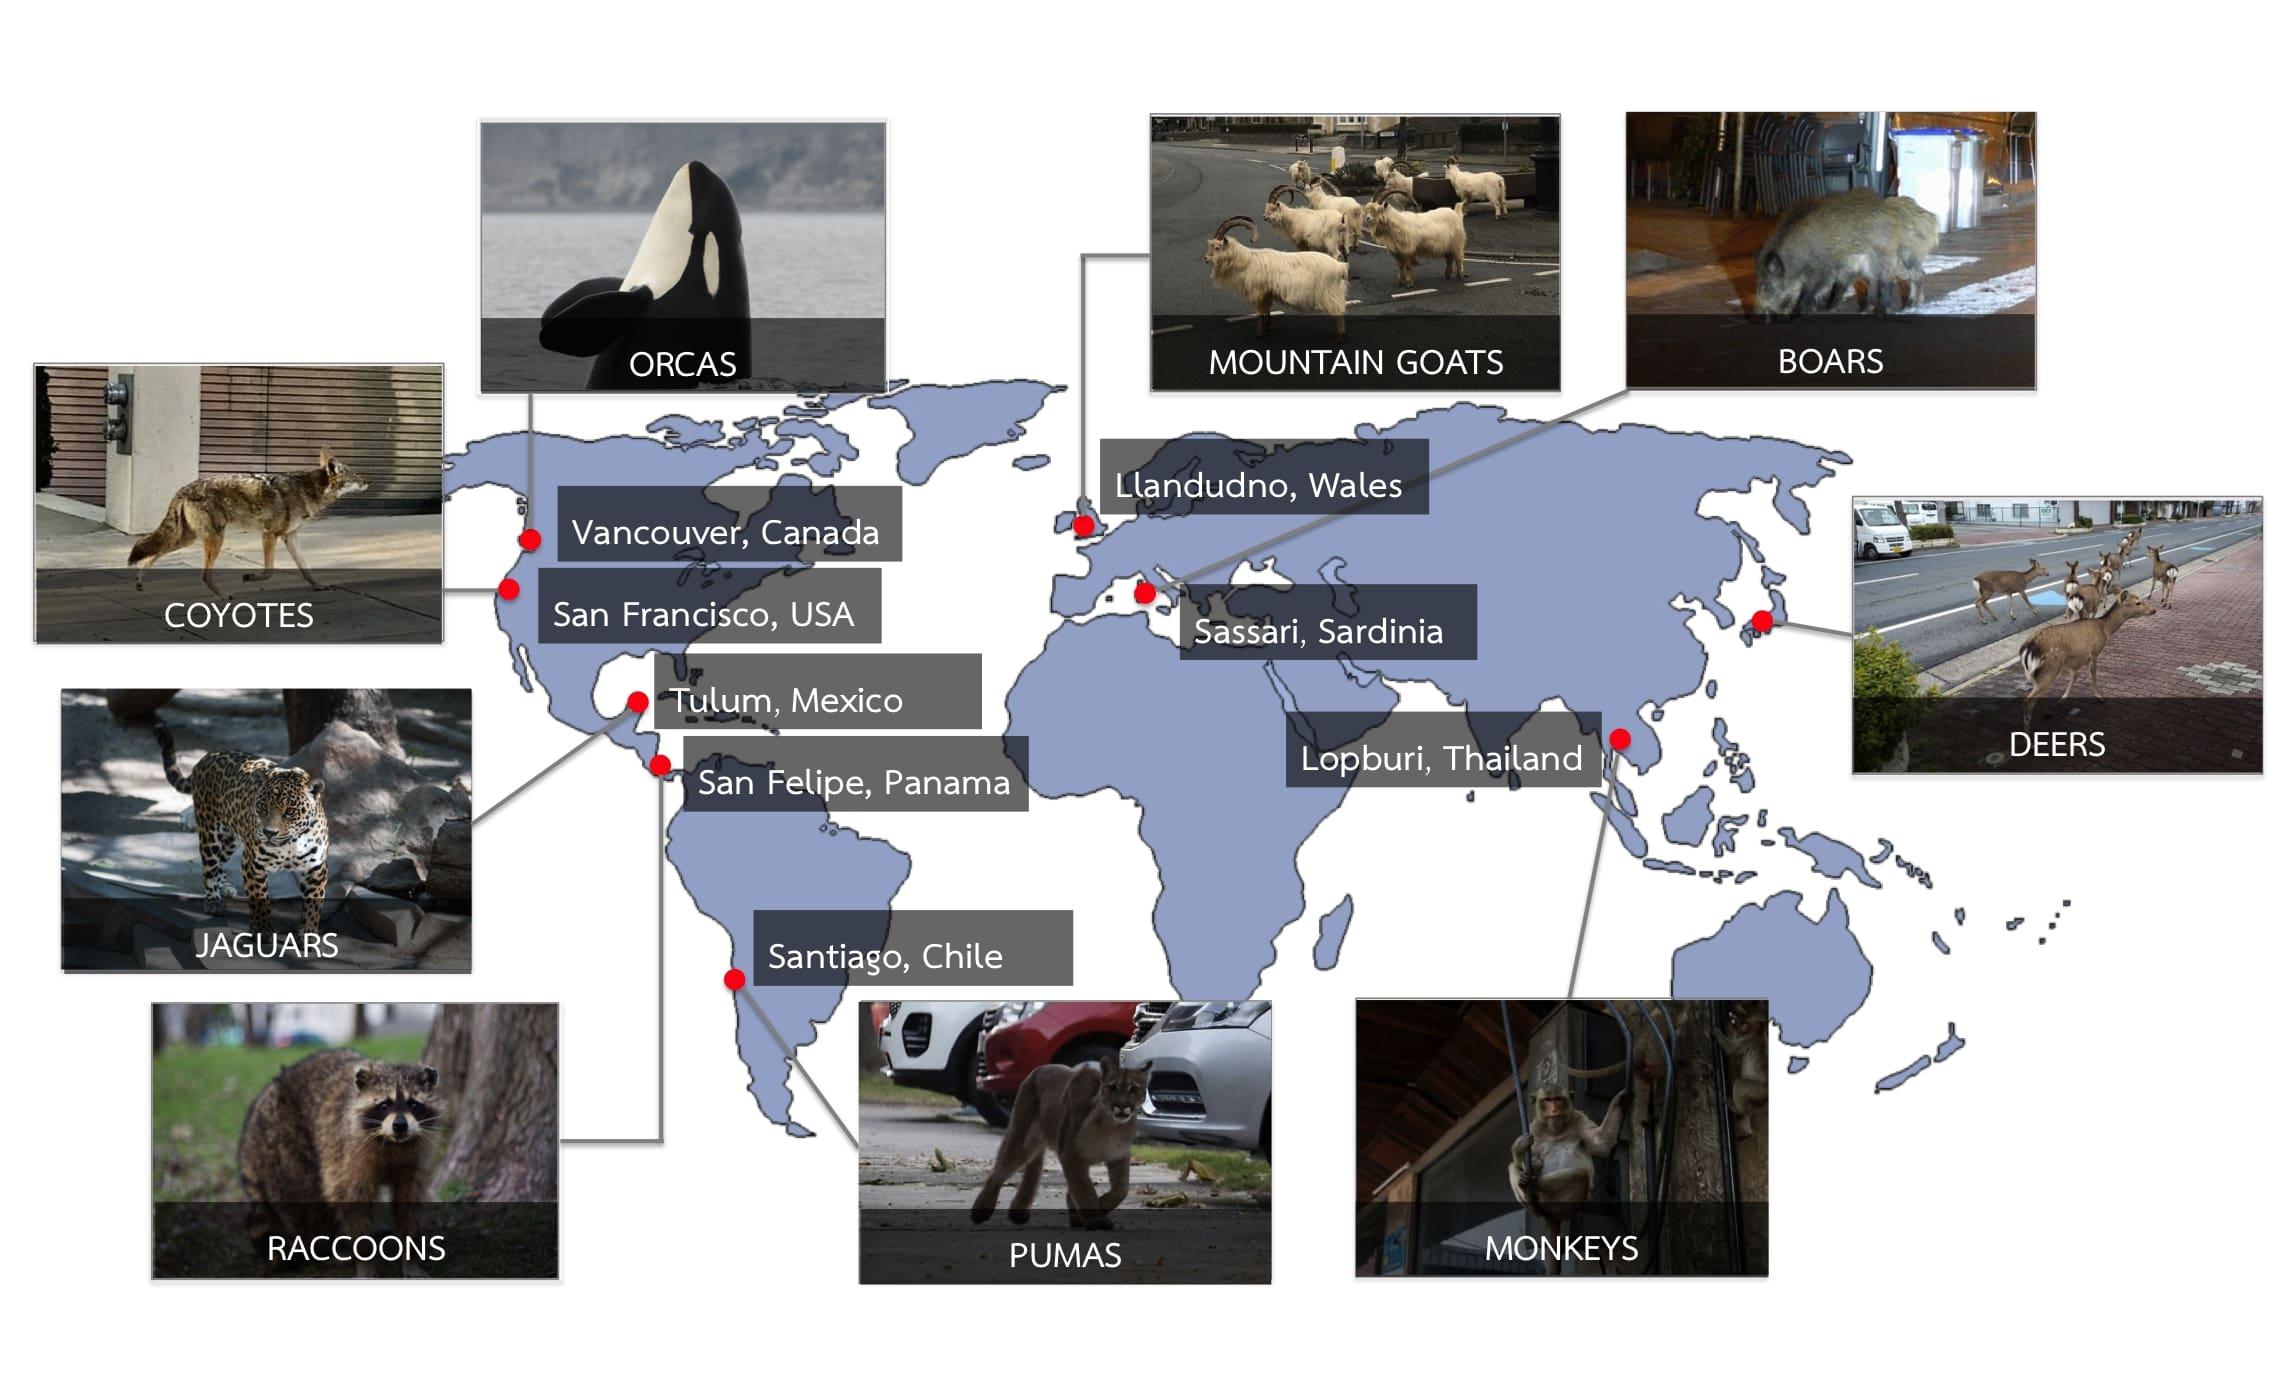 Eine Weltkarte, die anzeigt, wo welche Tiere gesichtet wurden.